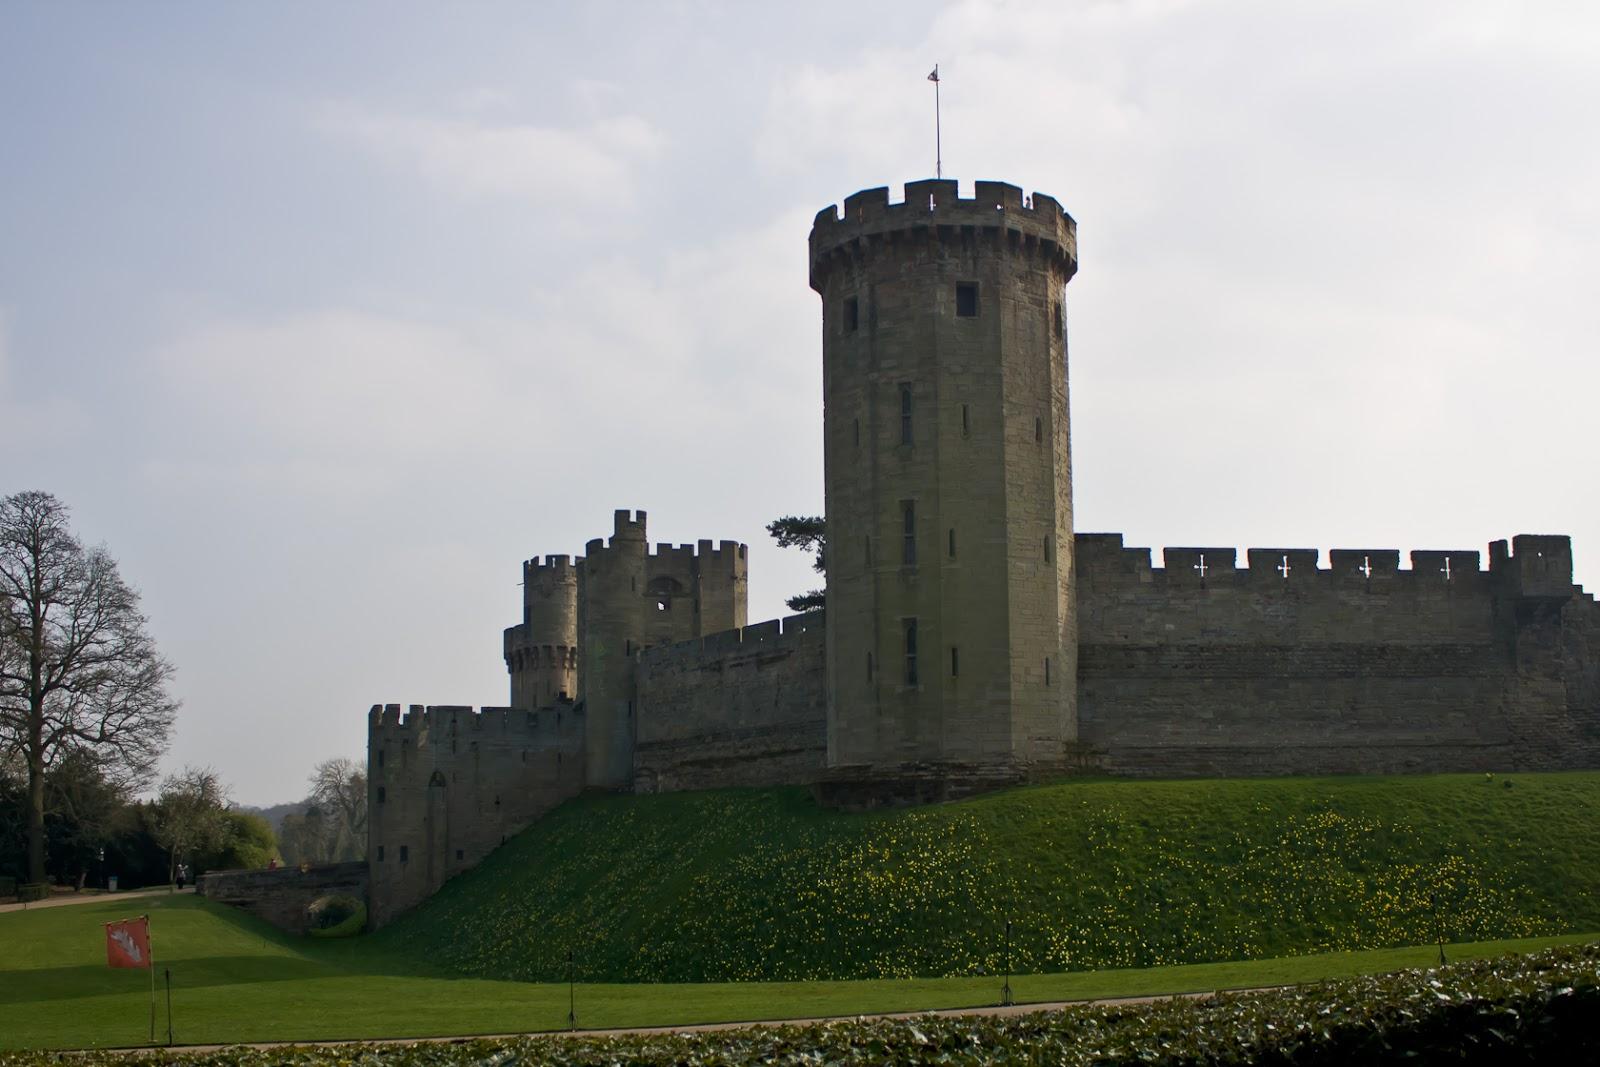 замок средневековый картинки